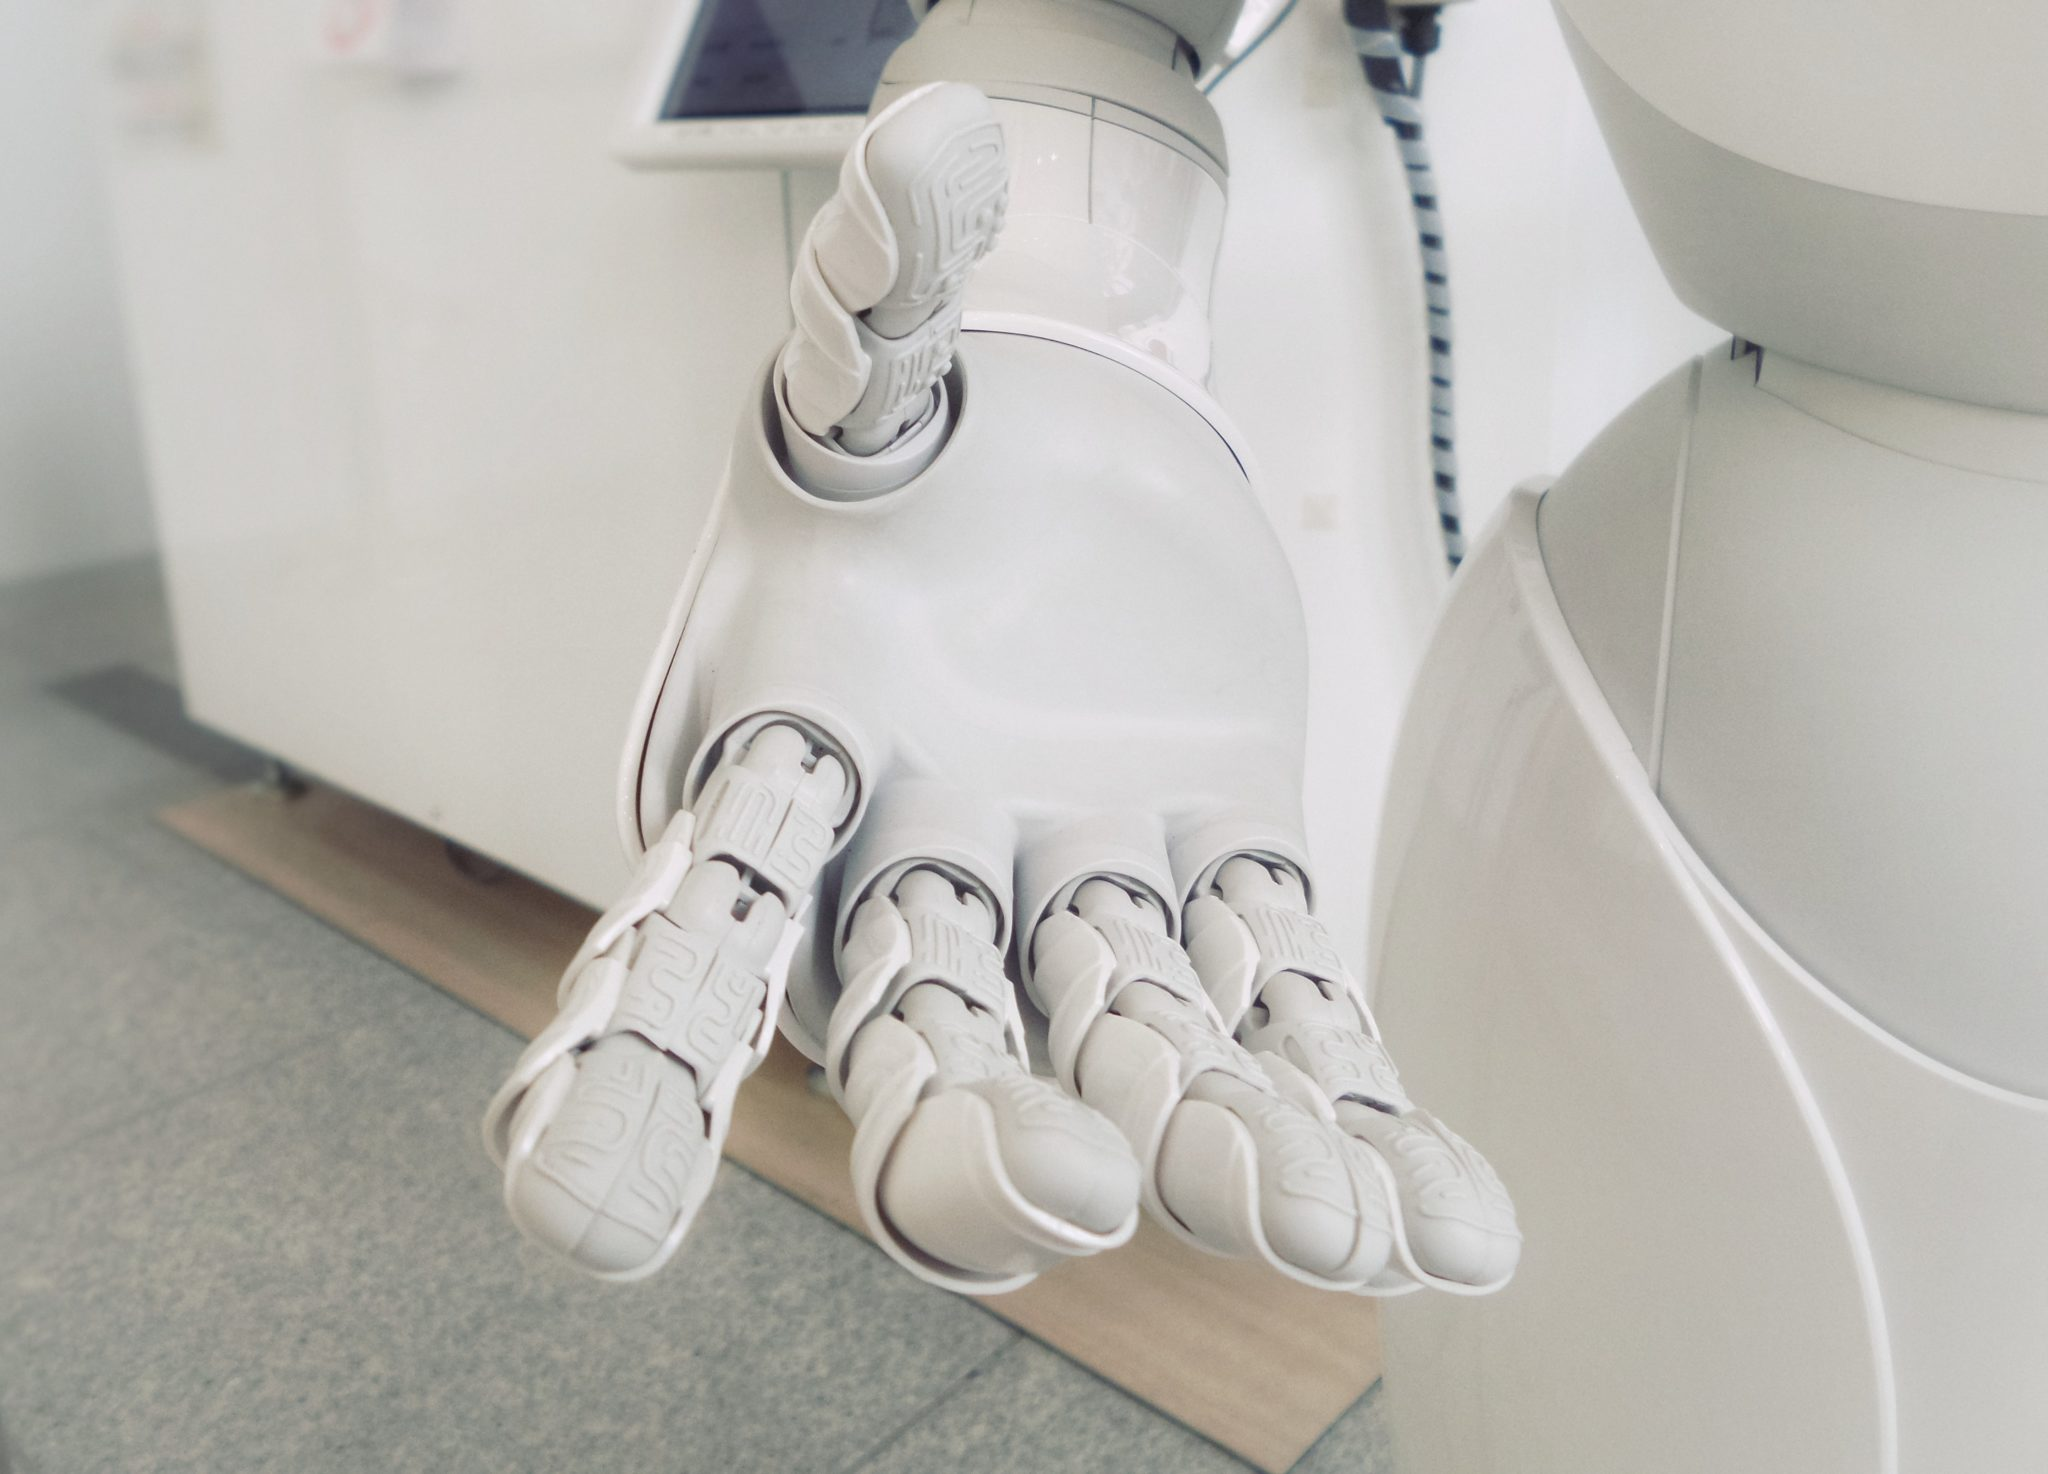 Prozessen, Robotic Process Automation: Was steckt dahinter und wofür braucht man es?